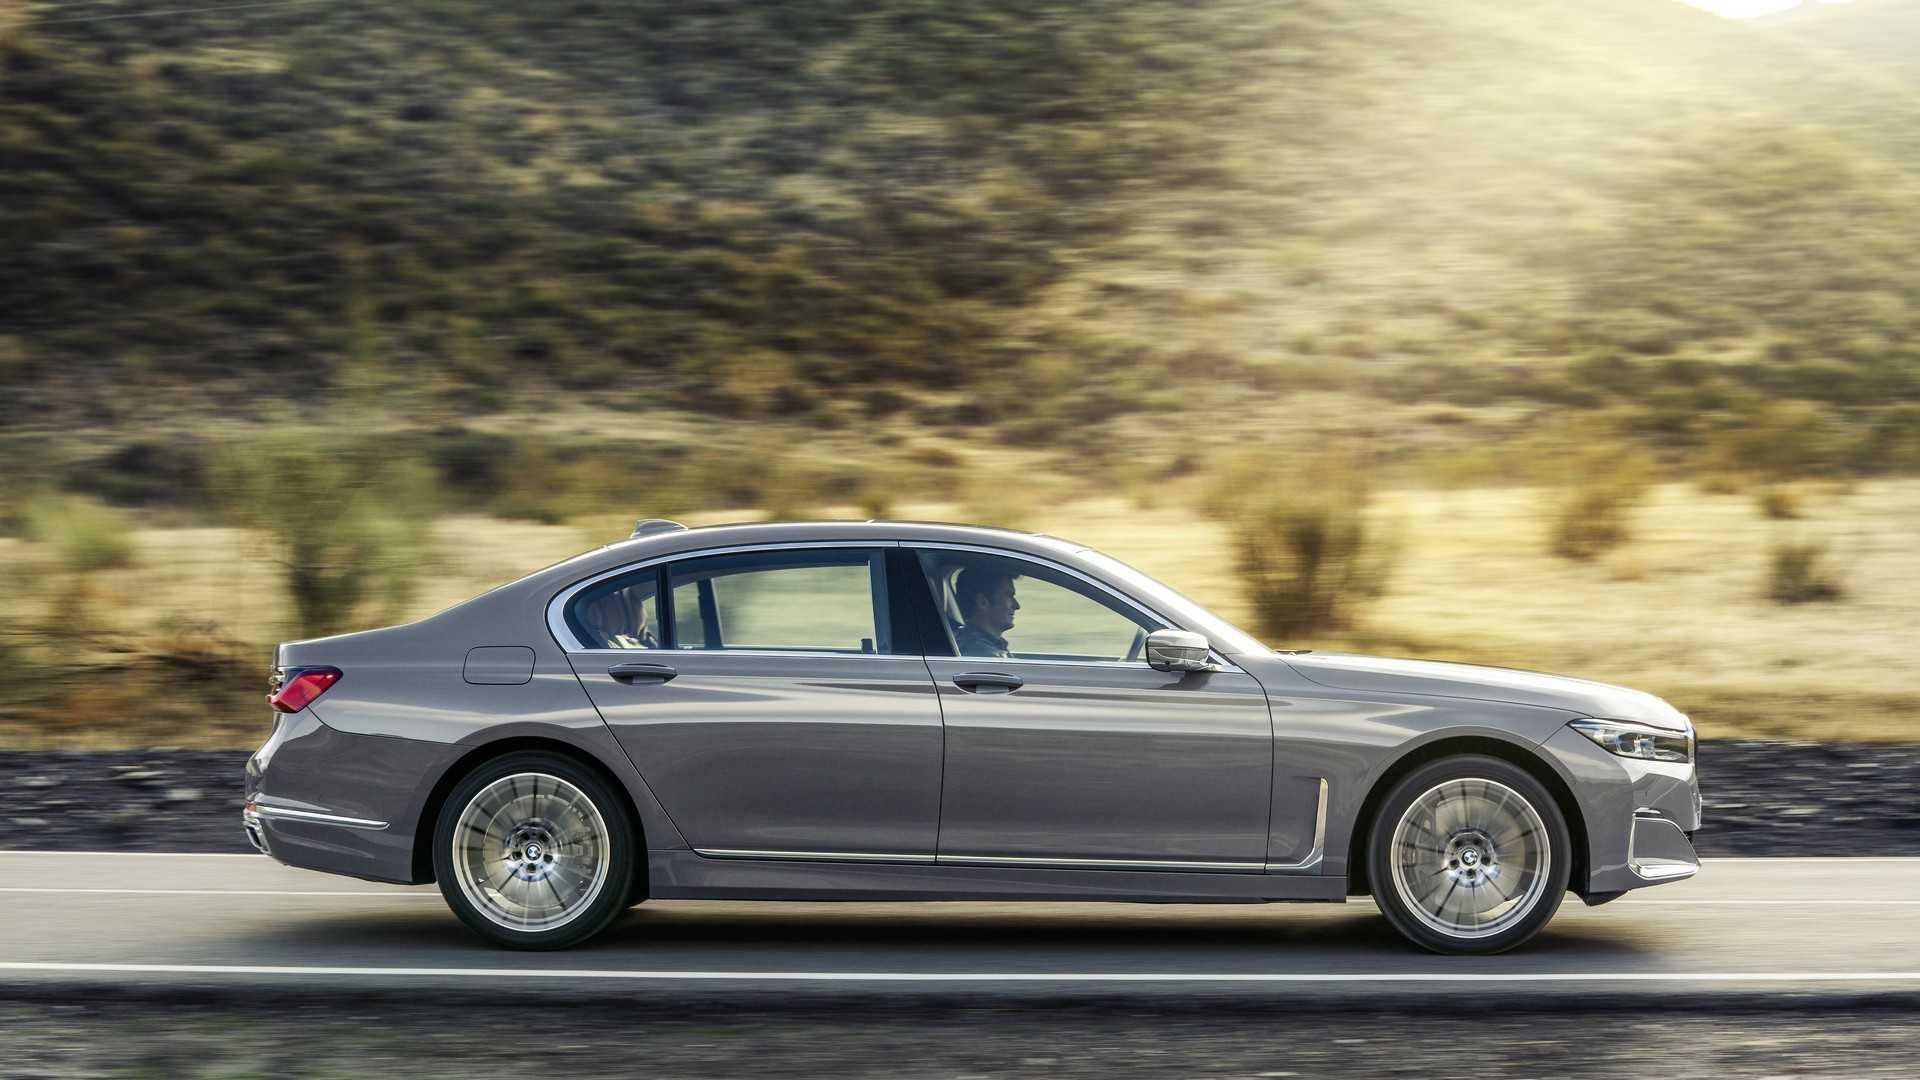 BMW 7 Series thế hệ mới sẽ có thêm bản chạy điện hoàn toàn - 23